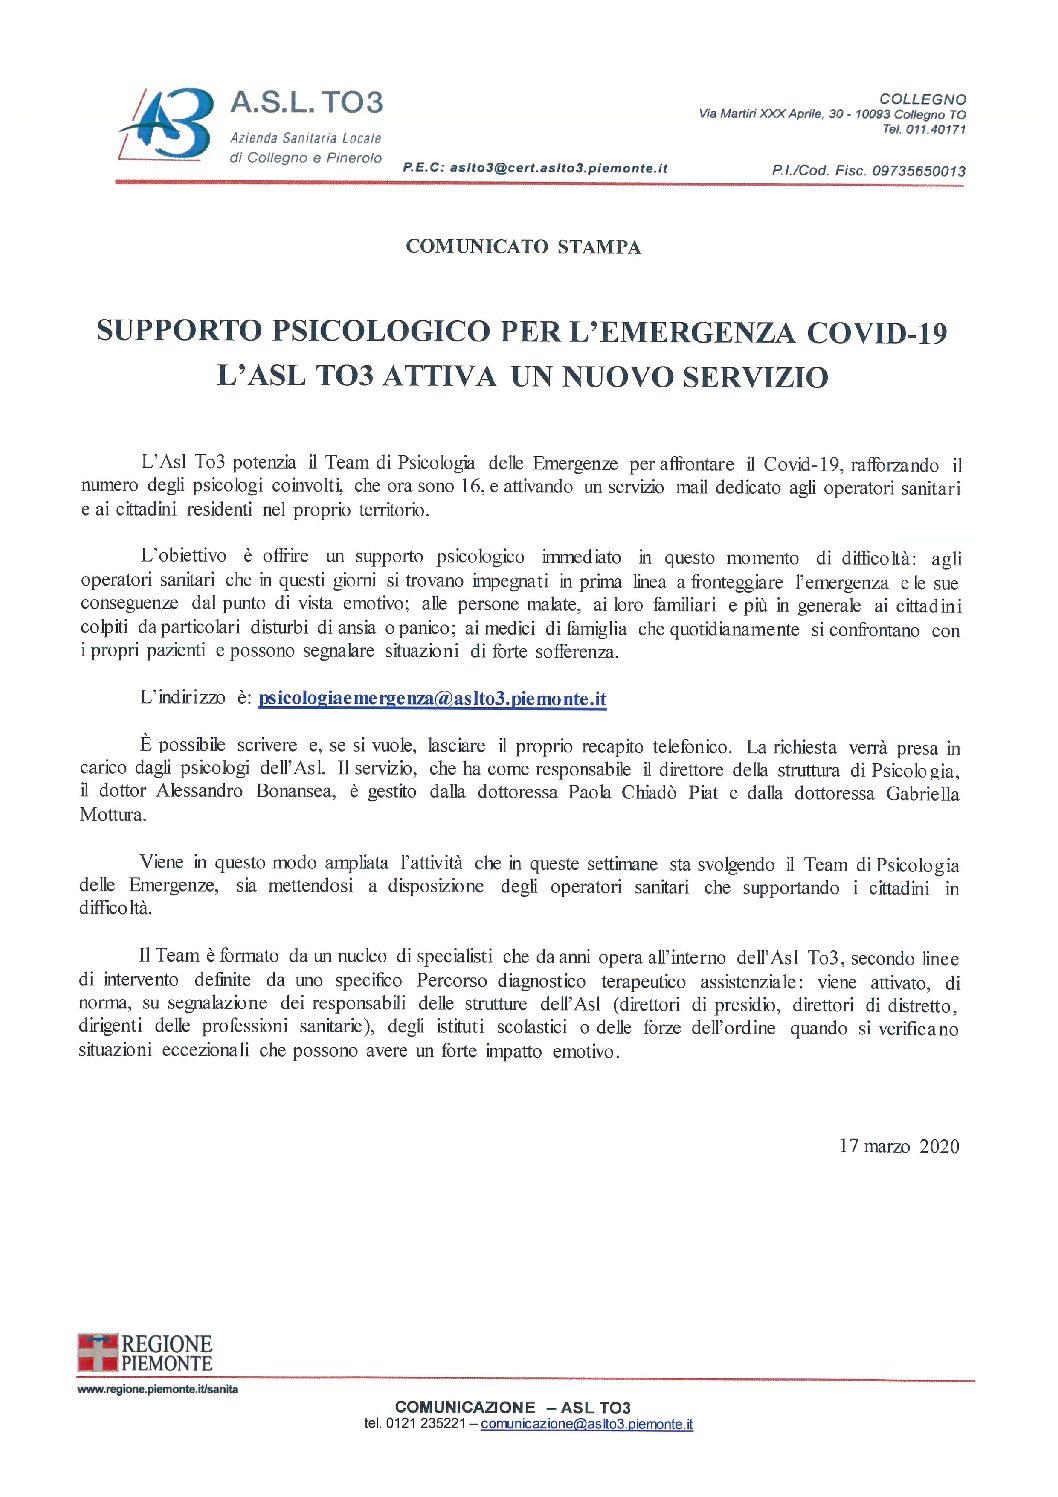 ASL TO3 – SUPPORTO PSICOLOGICO